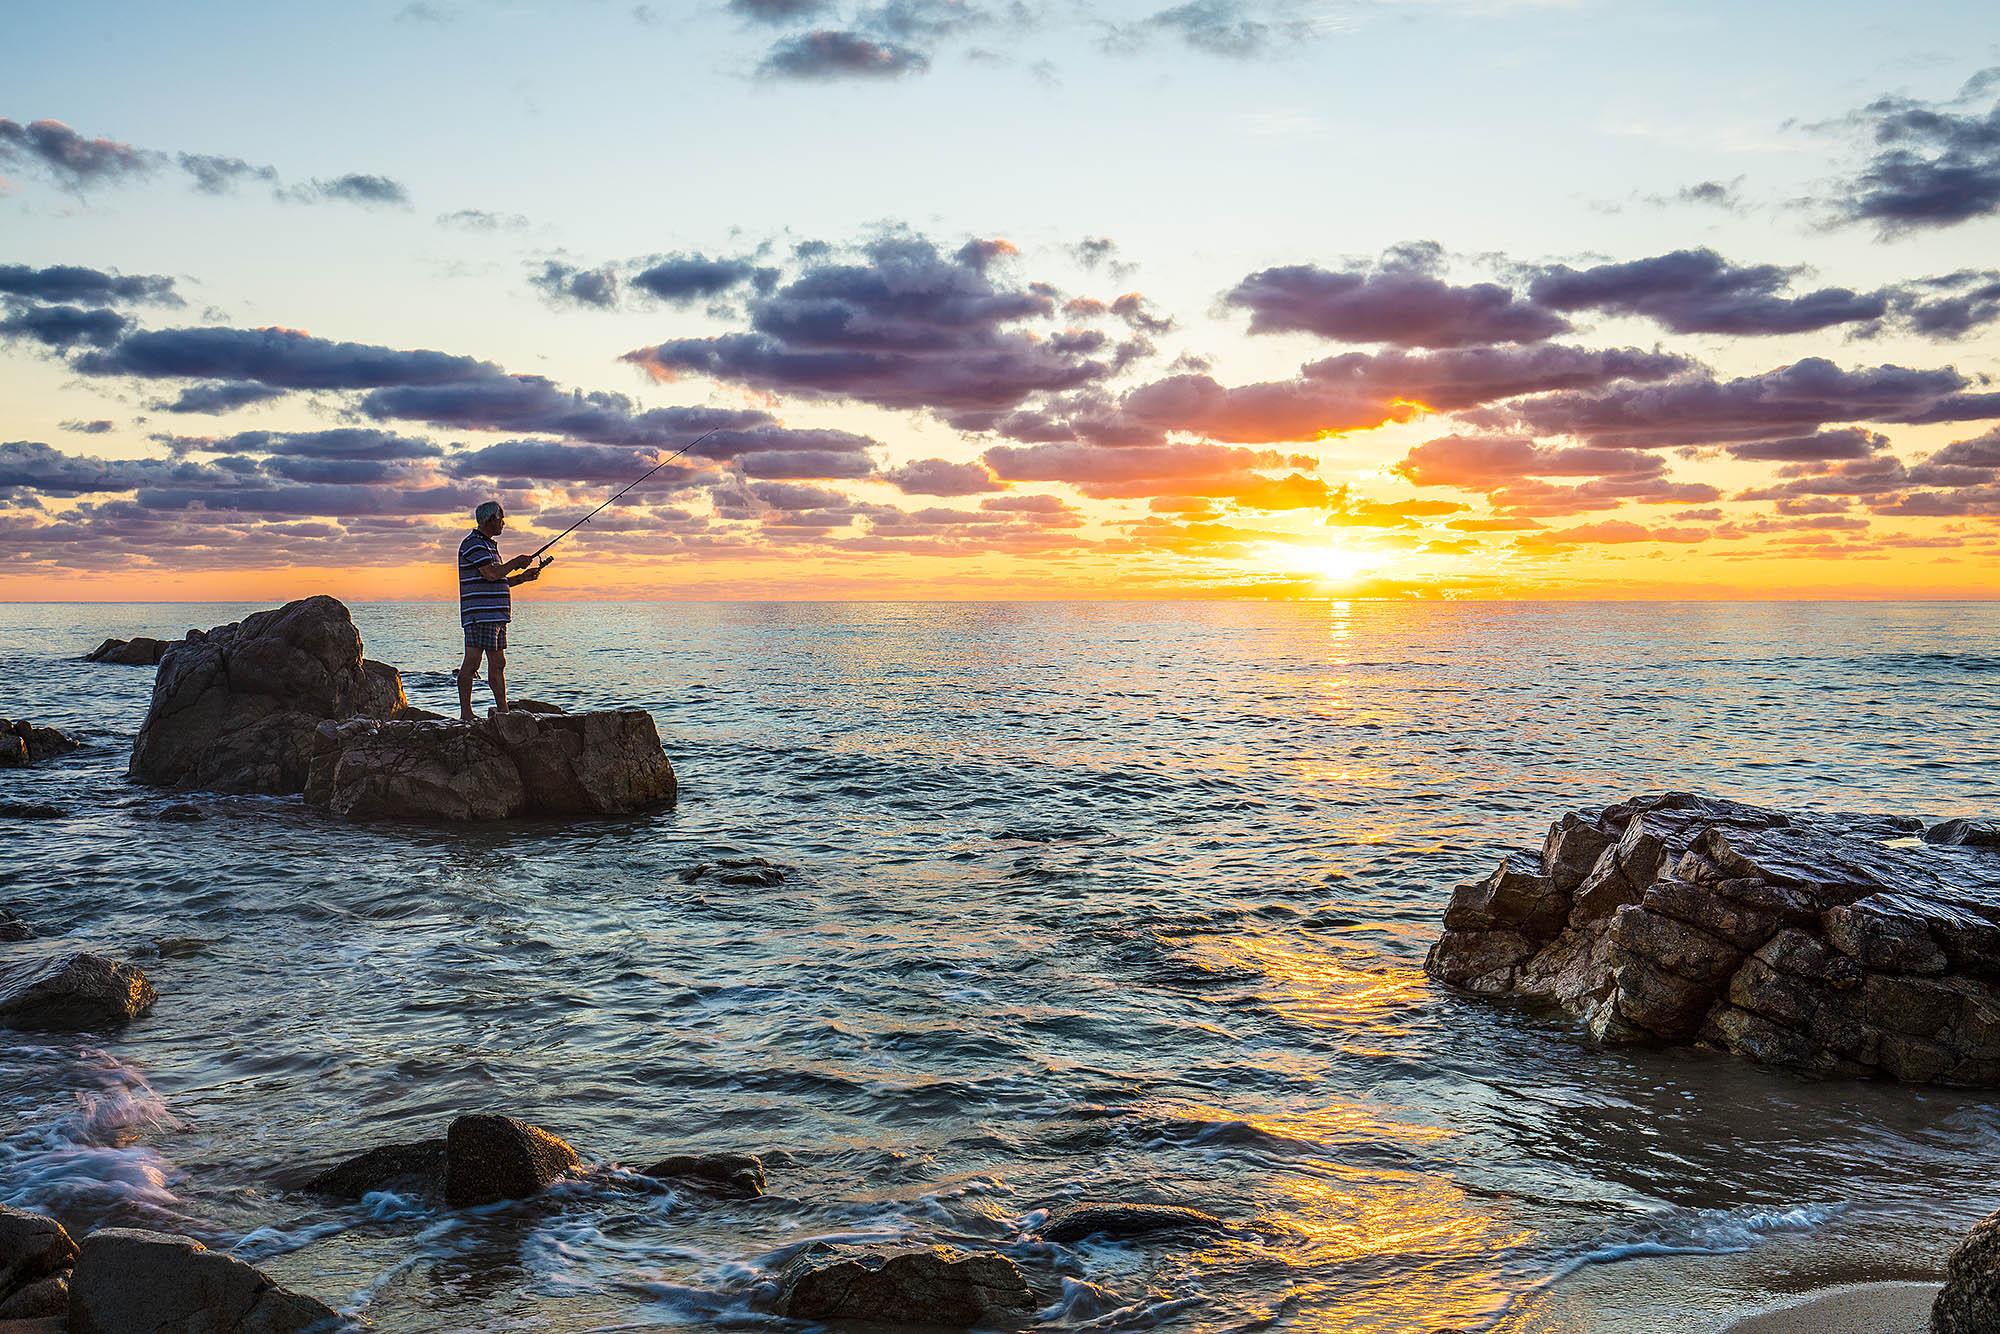 Italien, Sardinien. Mittelmeerstrand an der Costa Rei.Sonnenaufgang am Mittelmeer. Ein Küstenabschnitt an der Ostküste der Insel.